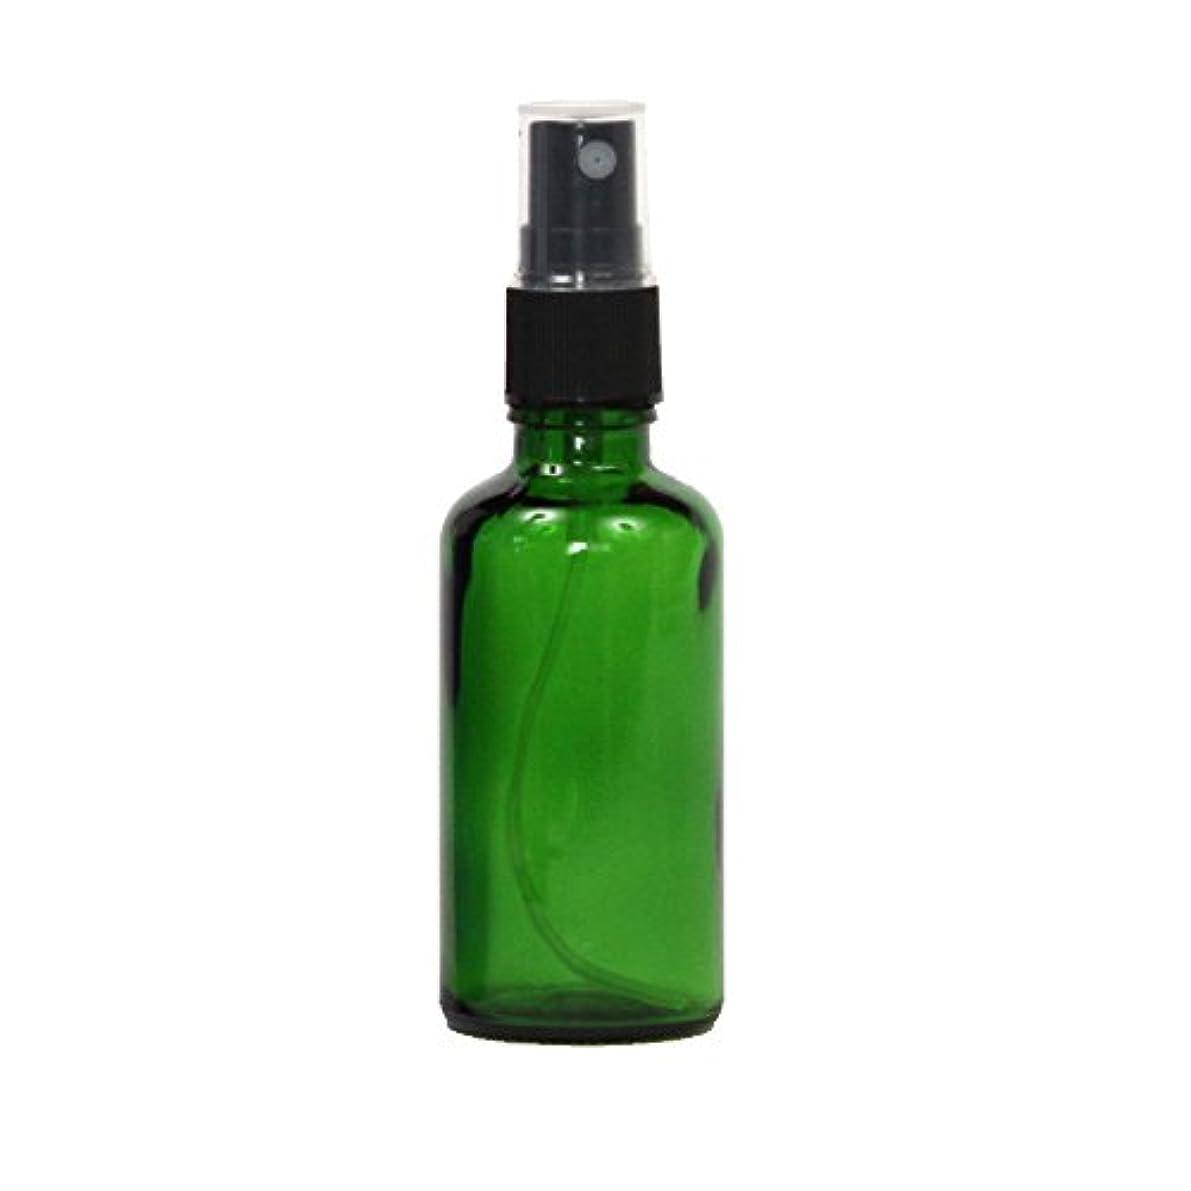 密ポスト印象派一致するスプレーボトル容器 ガラス瓶 50mL 遮光性グリーン ガラスアトマイザー 空容器gr50g